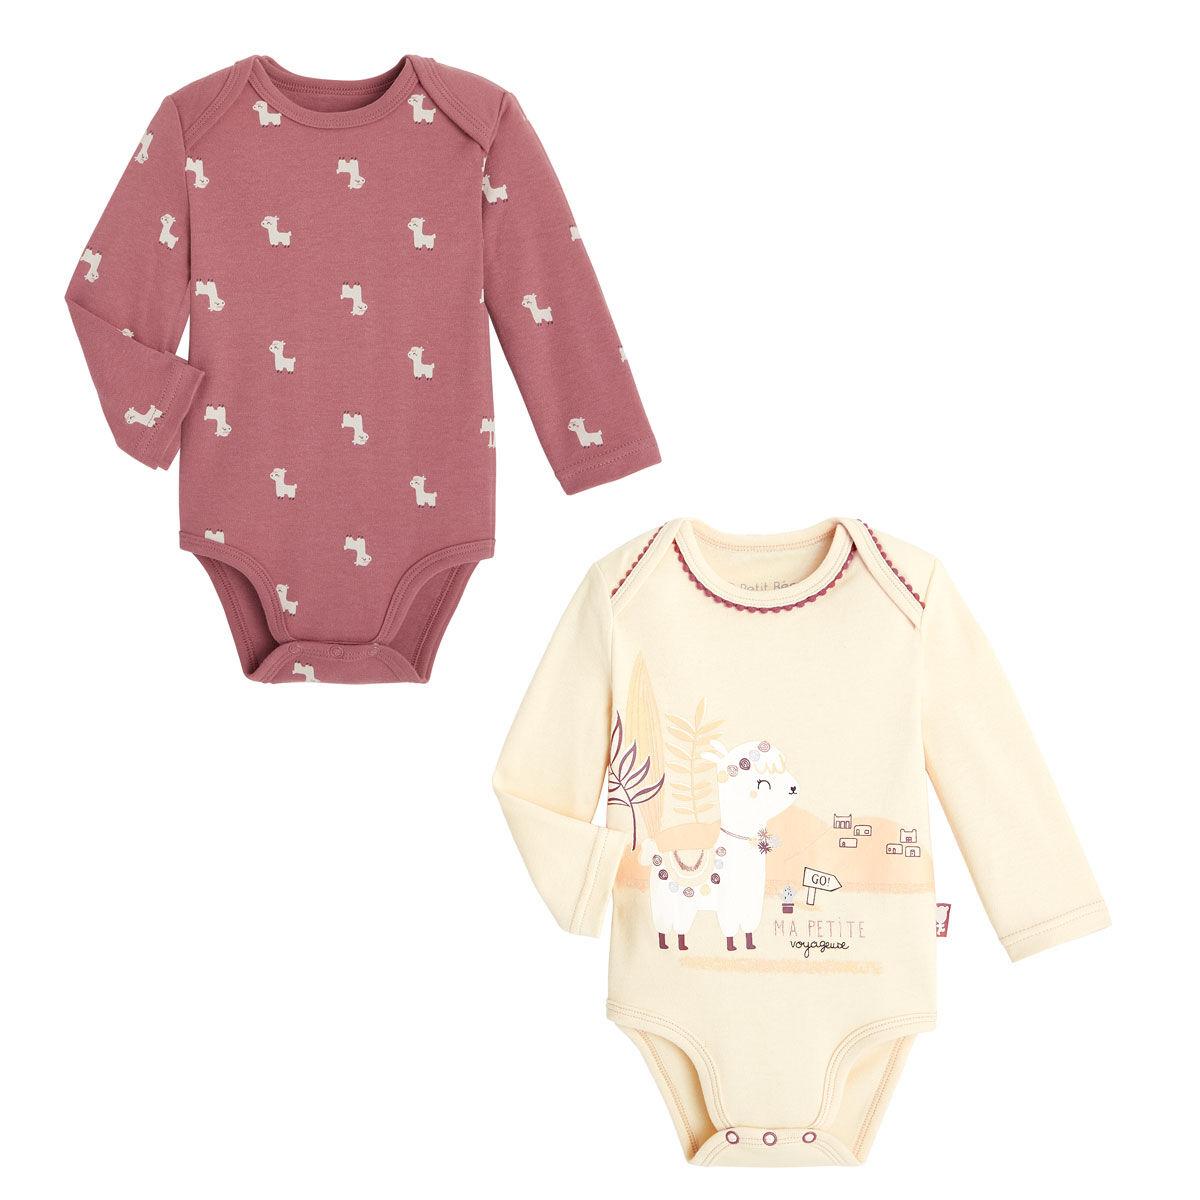 Petit Béguin Lot de 2 bodies bébé fille manches longues Zhao - Taille - 6 mois